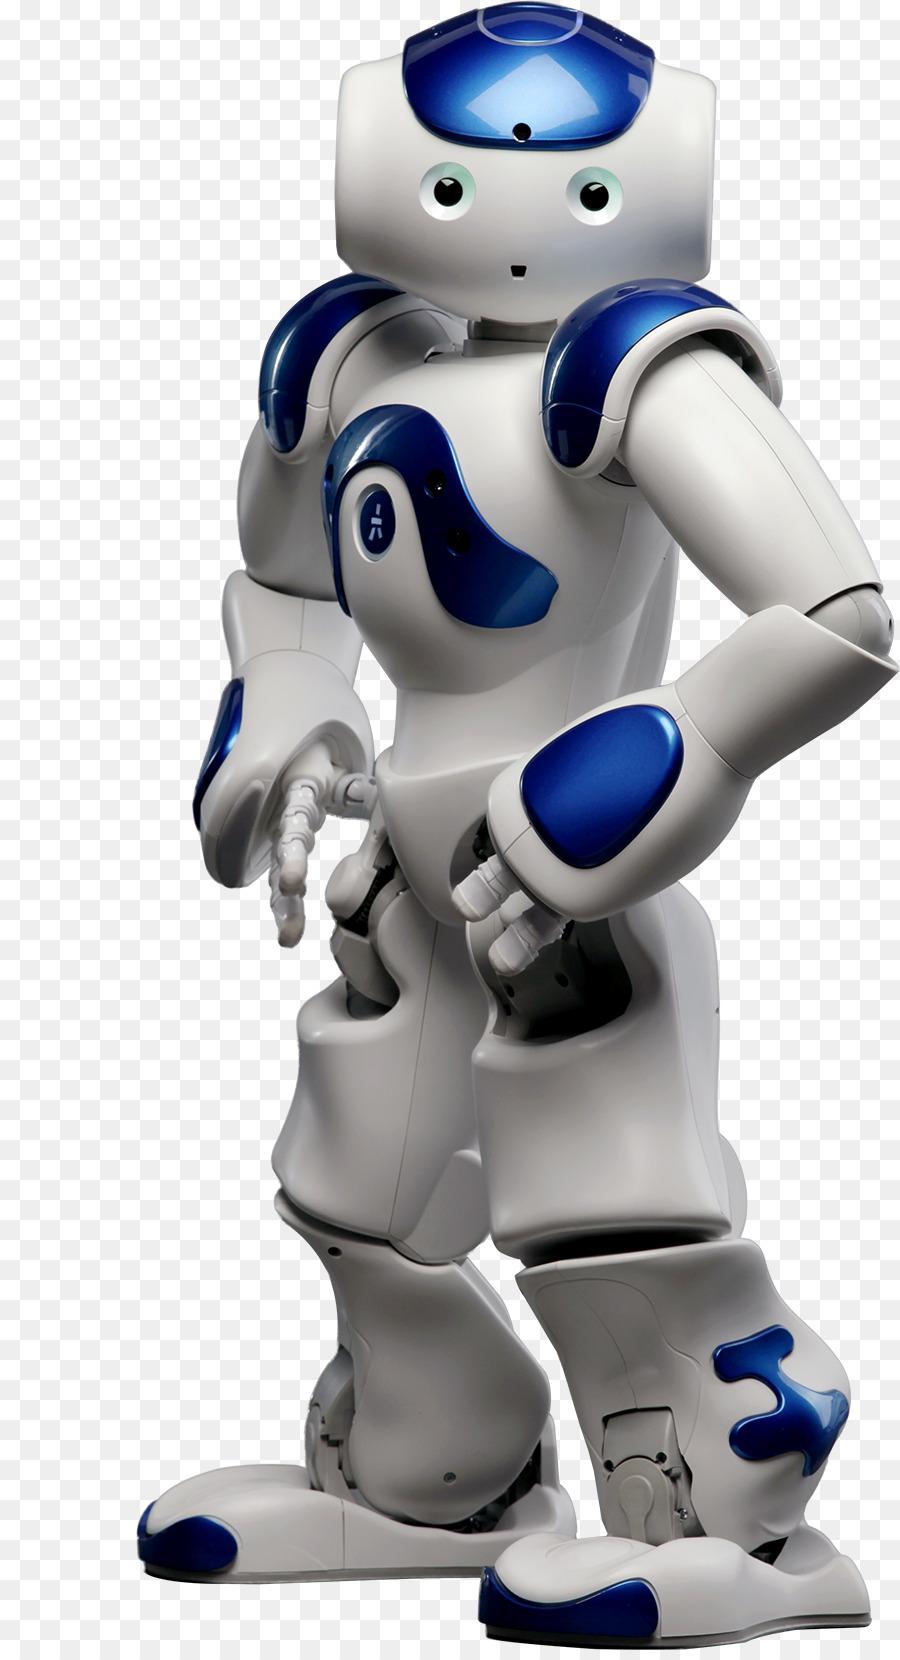 парень роботы картинка формат около заднего